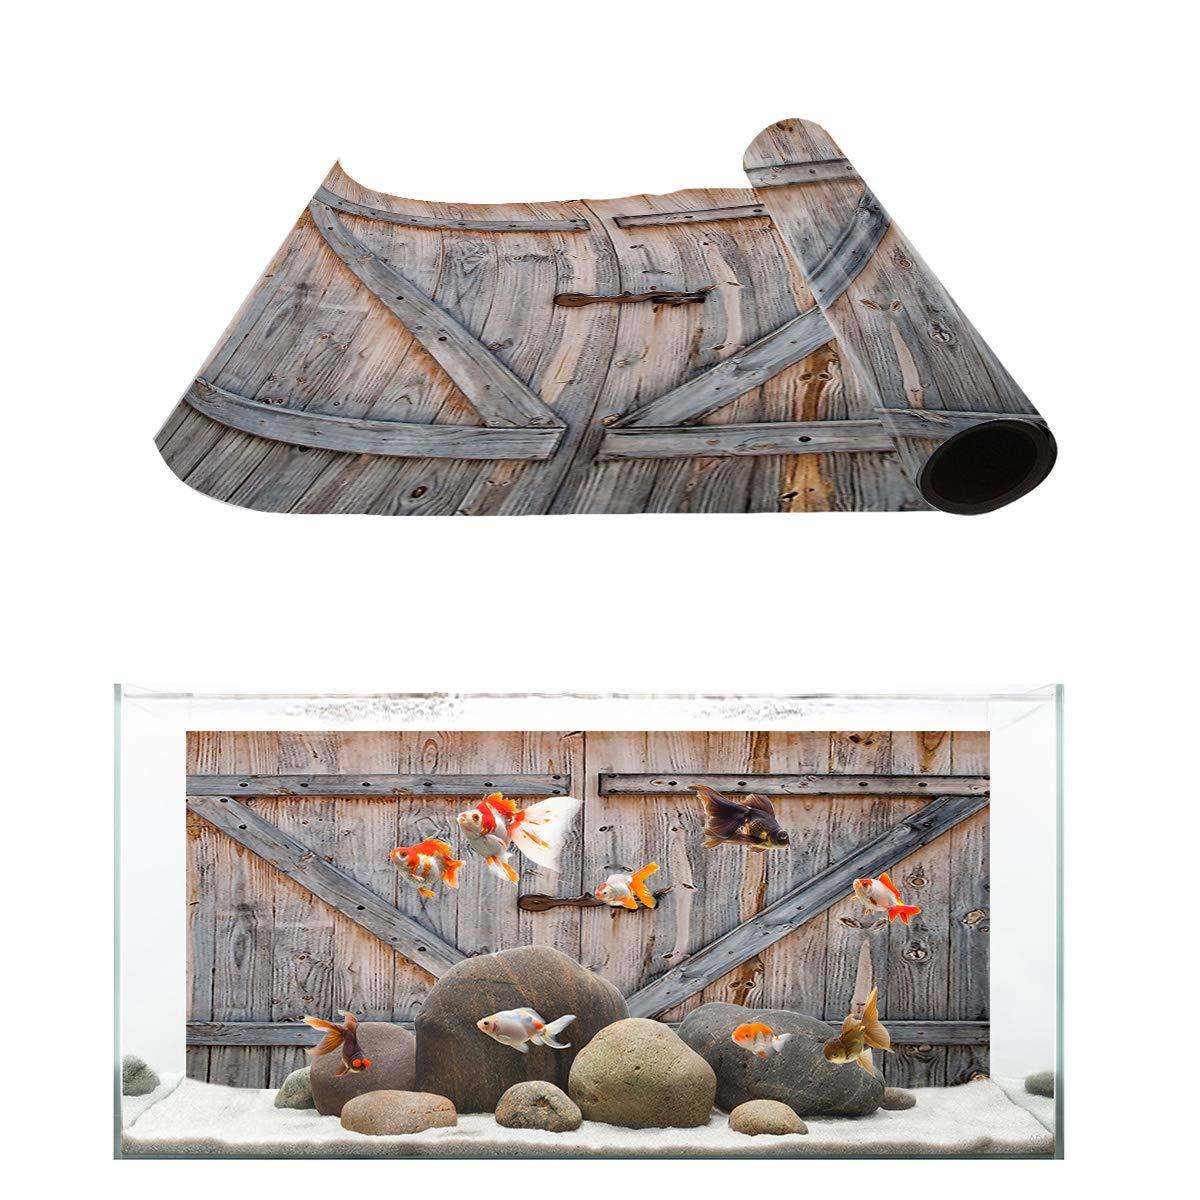 T&H Home Aquarium Décor Backgrounds - Vintage Wood Grain Pattern Fish Tank Background Aquarium Sticker Wallpaper Decoration Picture PVC Adhesive Poster, 24.4'' W x 12.4'' H by T&H Home